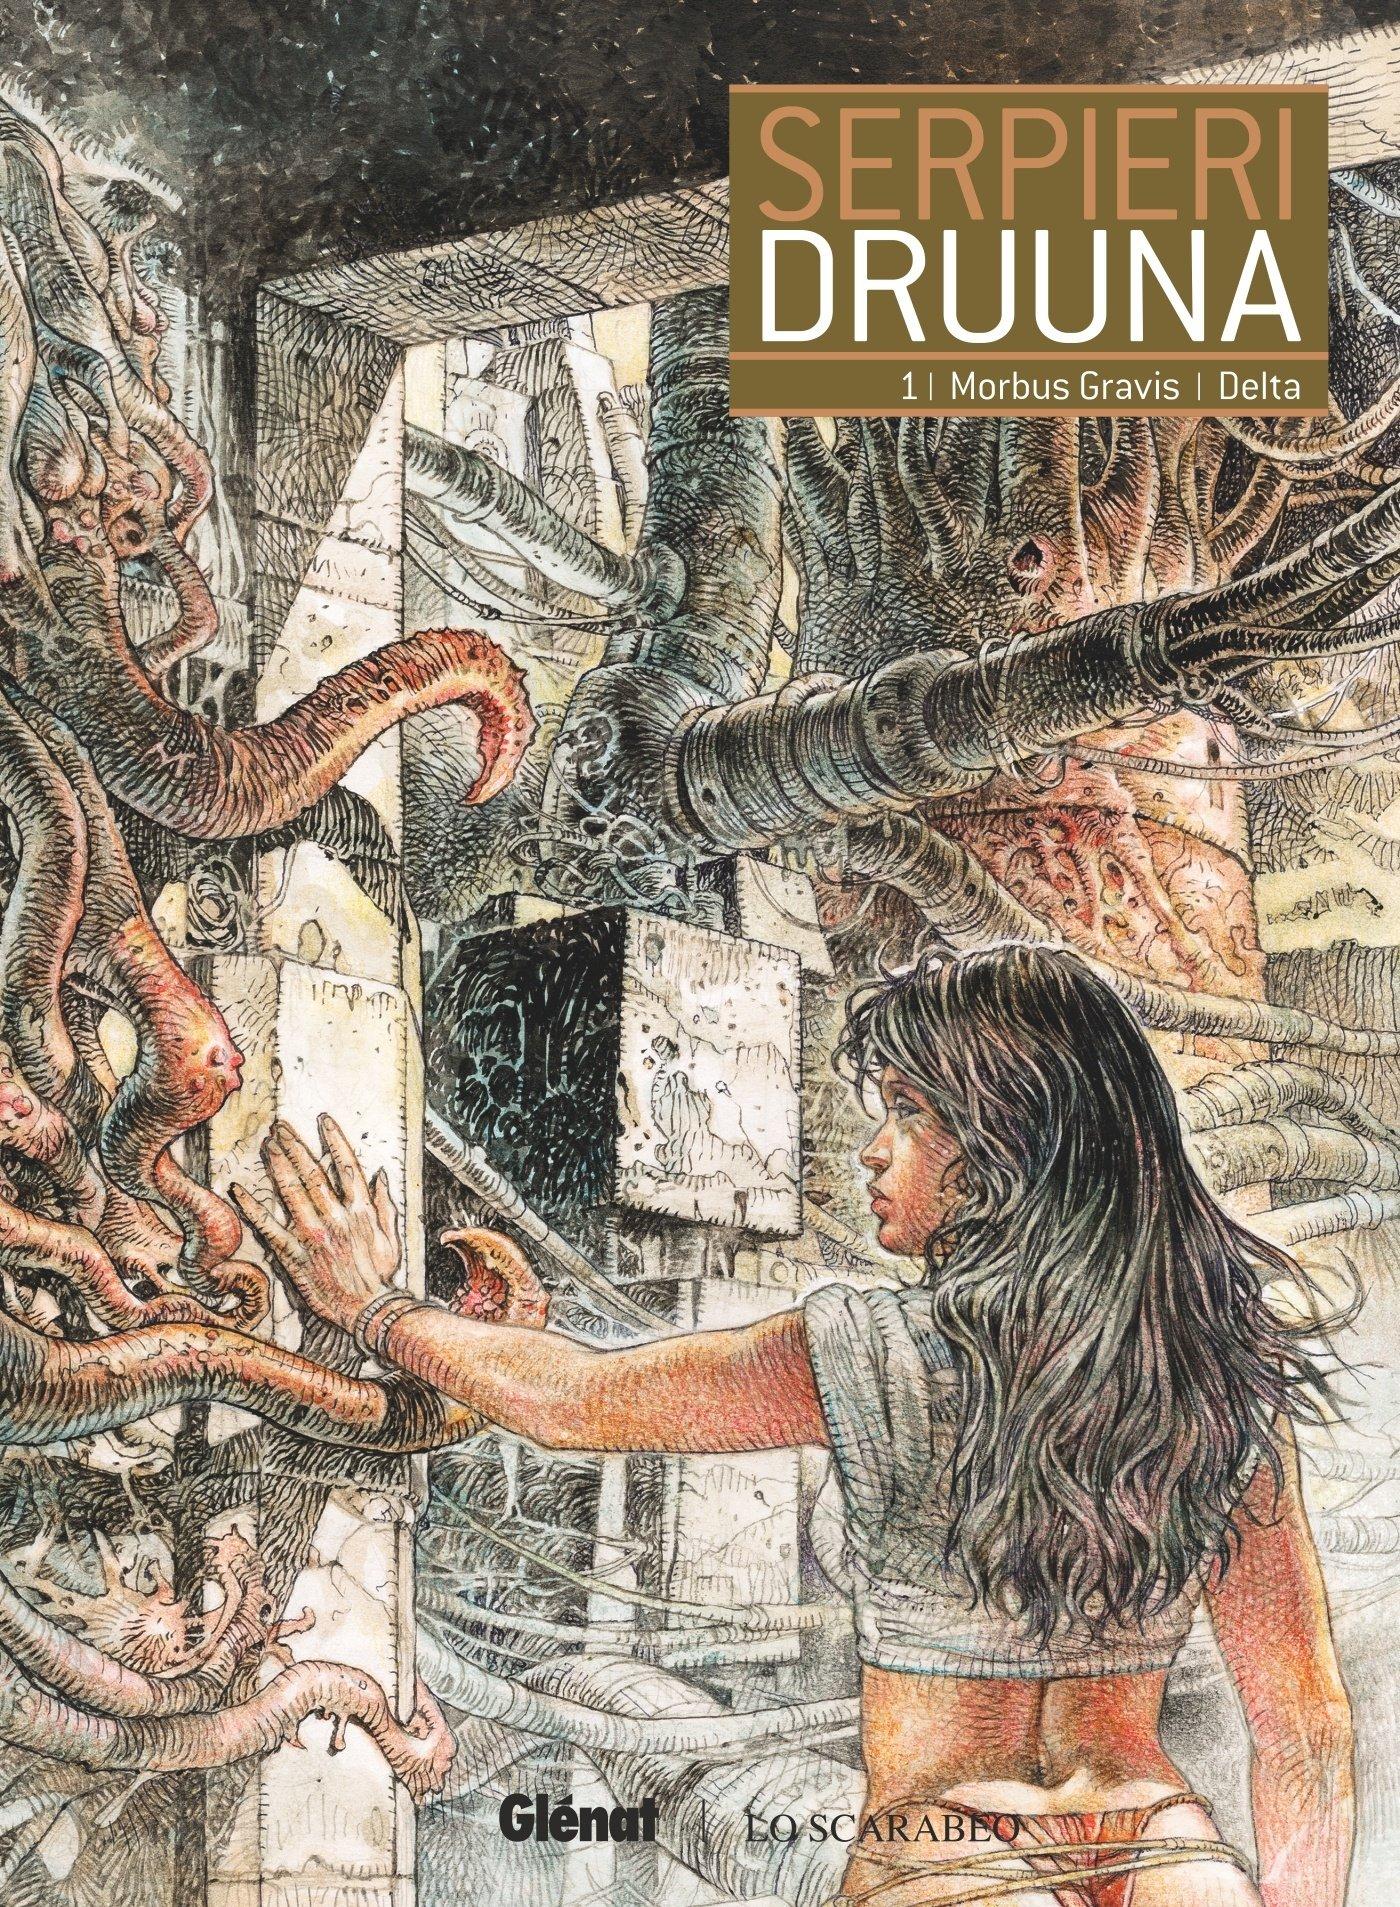 Druuna - Tome 01: Morbus Gravis - Delta Album – 20 janvier 2016 Paolo Eleuteri Serpieri Glénat BD 2344013547 Bandes dessinées de genre